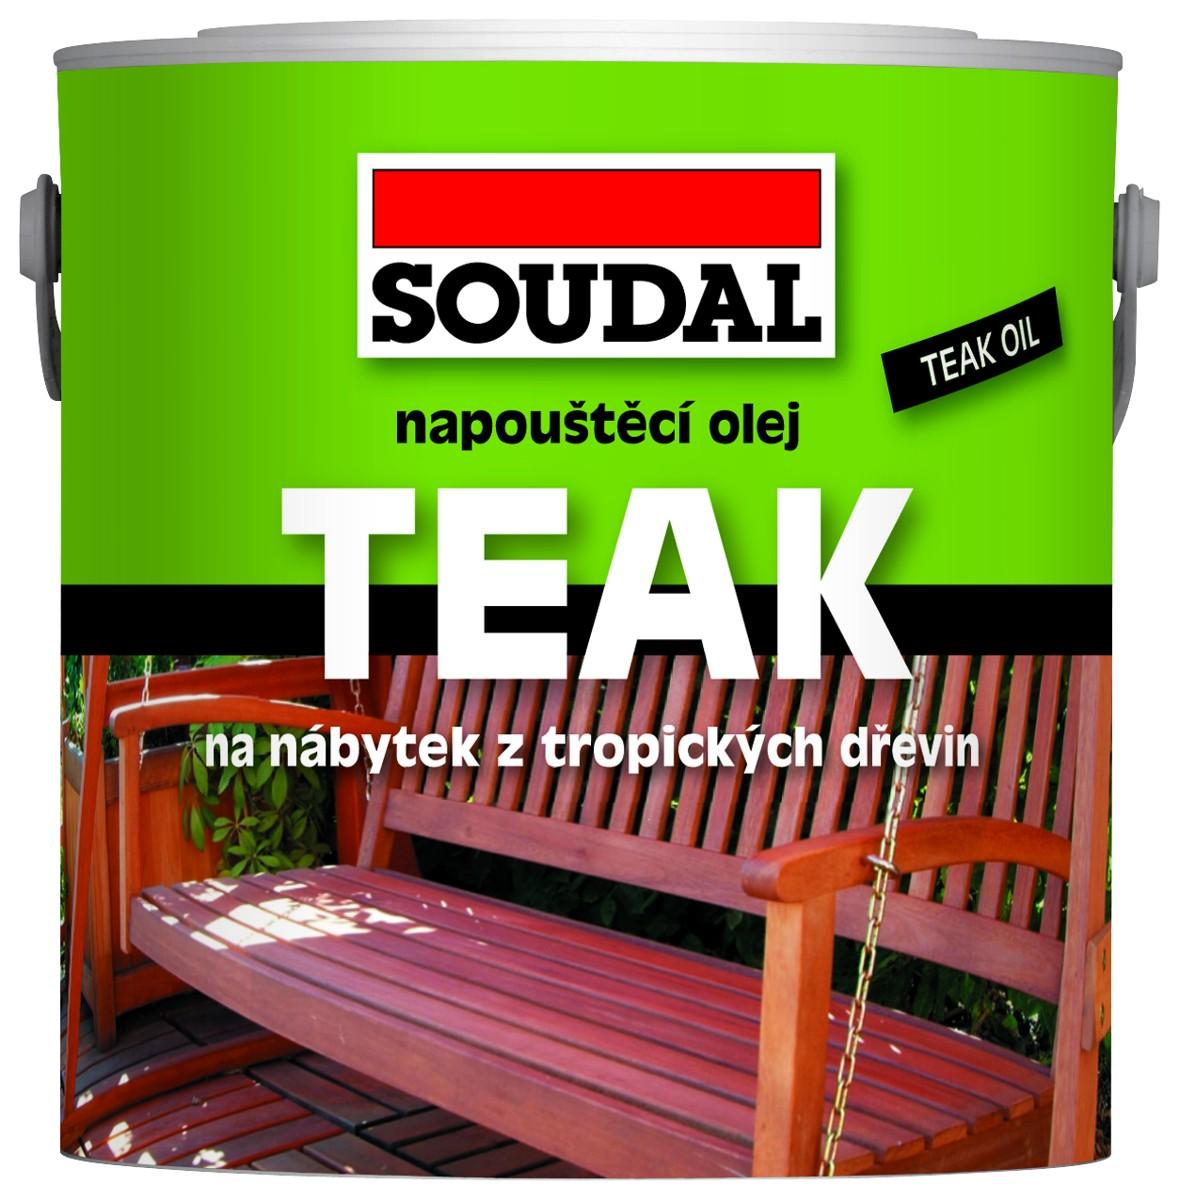 SOUDAL napouštěcí olej na dřevo 0,5 l transparentní